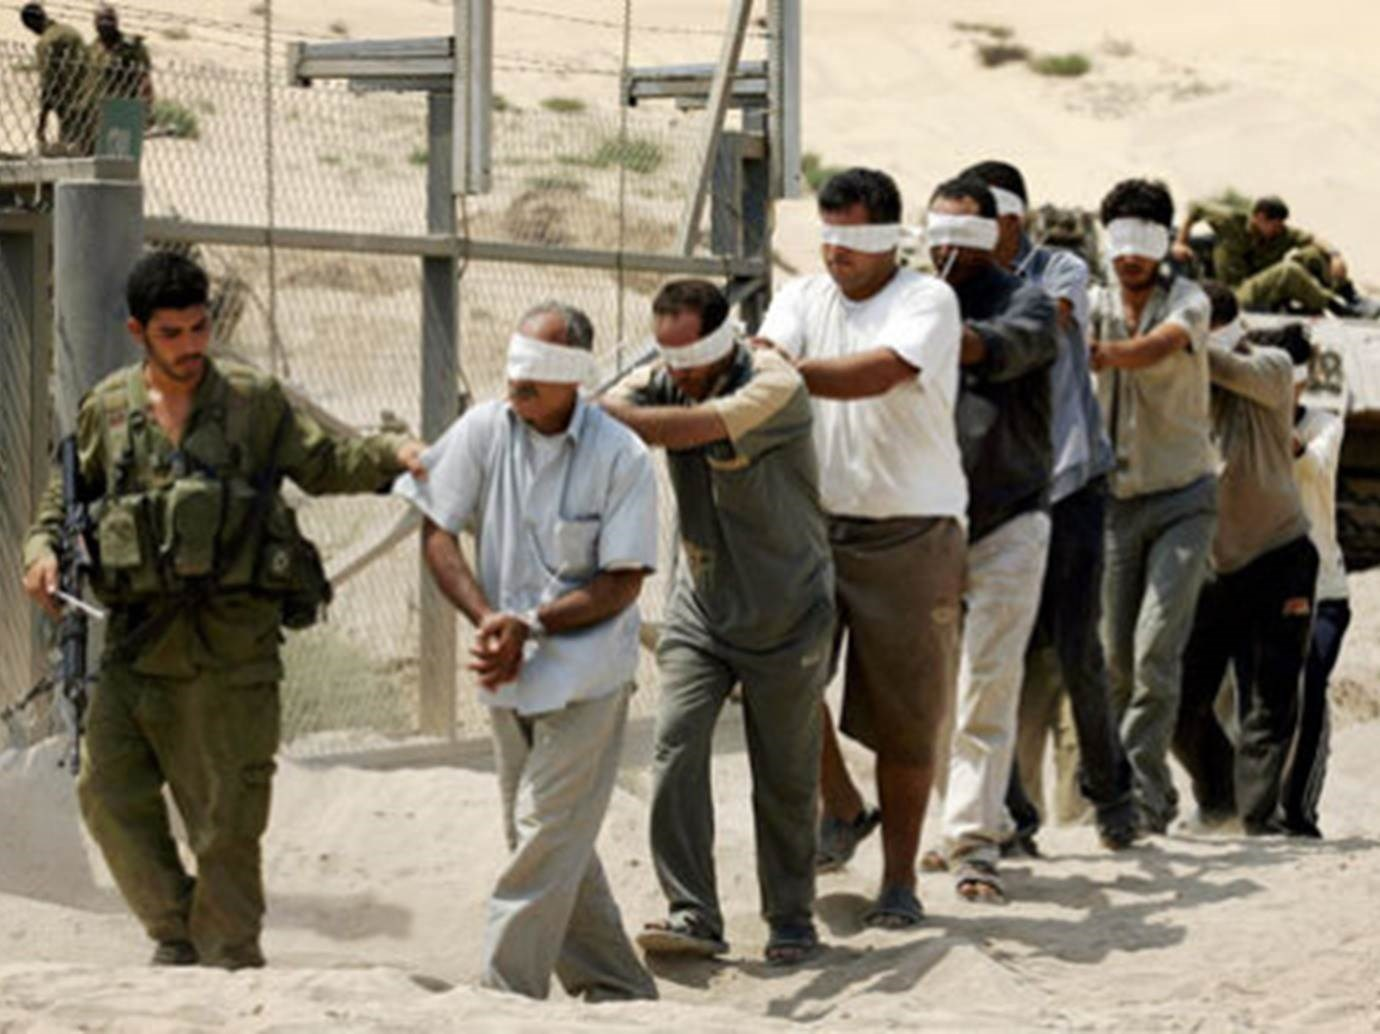 في اليوم العالمي لمساندة ضحايا التعذيب: 95% من الأسرى يتعرضون للتعذيب في سجون الاحتلال